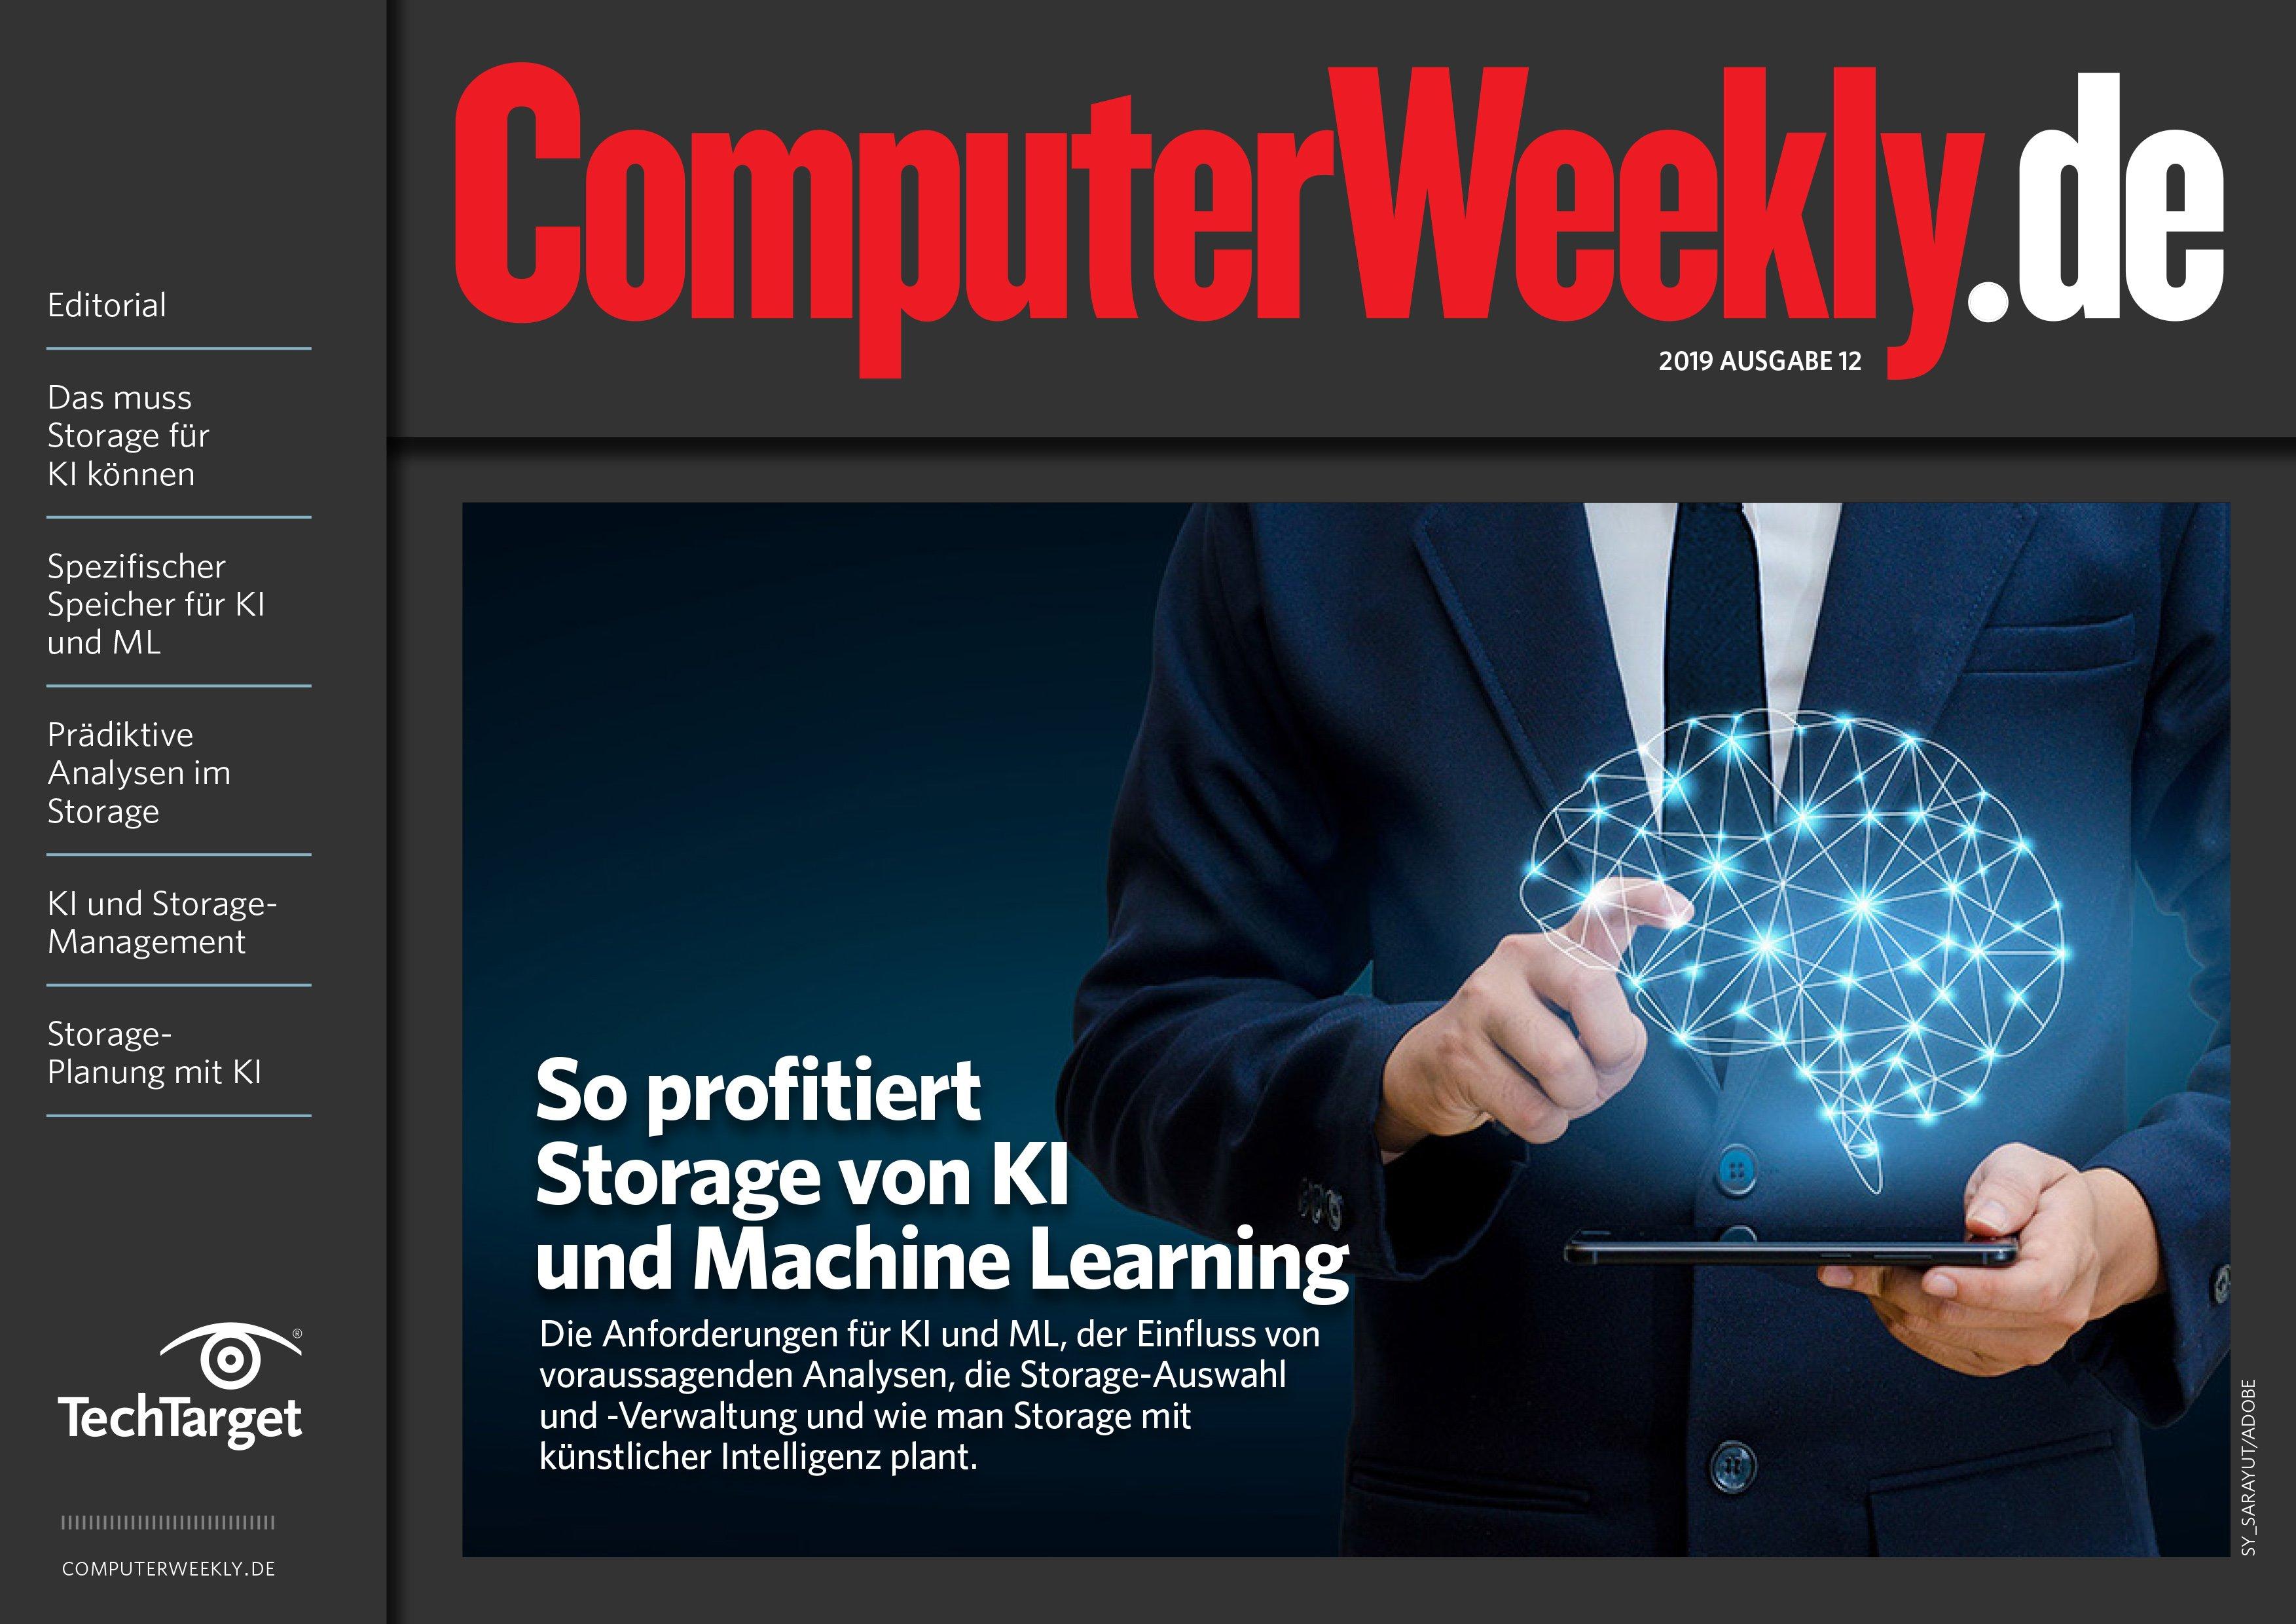 2148ddf8f4 News, Ratgeber, Tipps und Analysen für IT-Profis